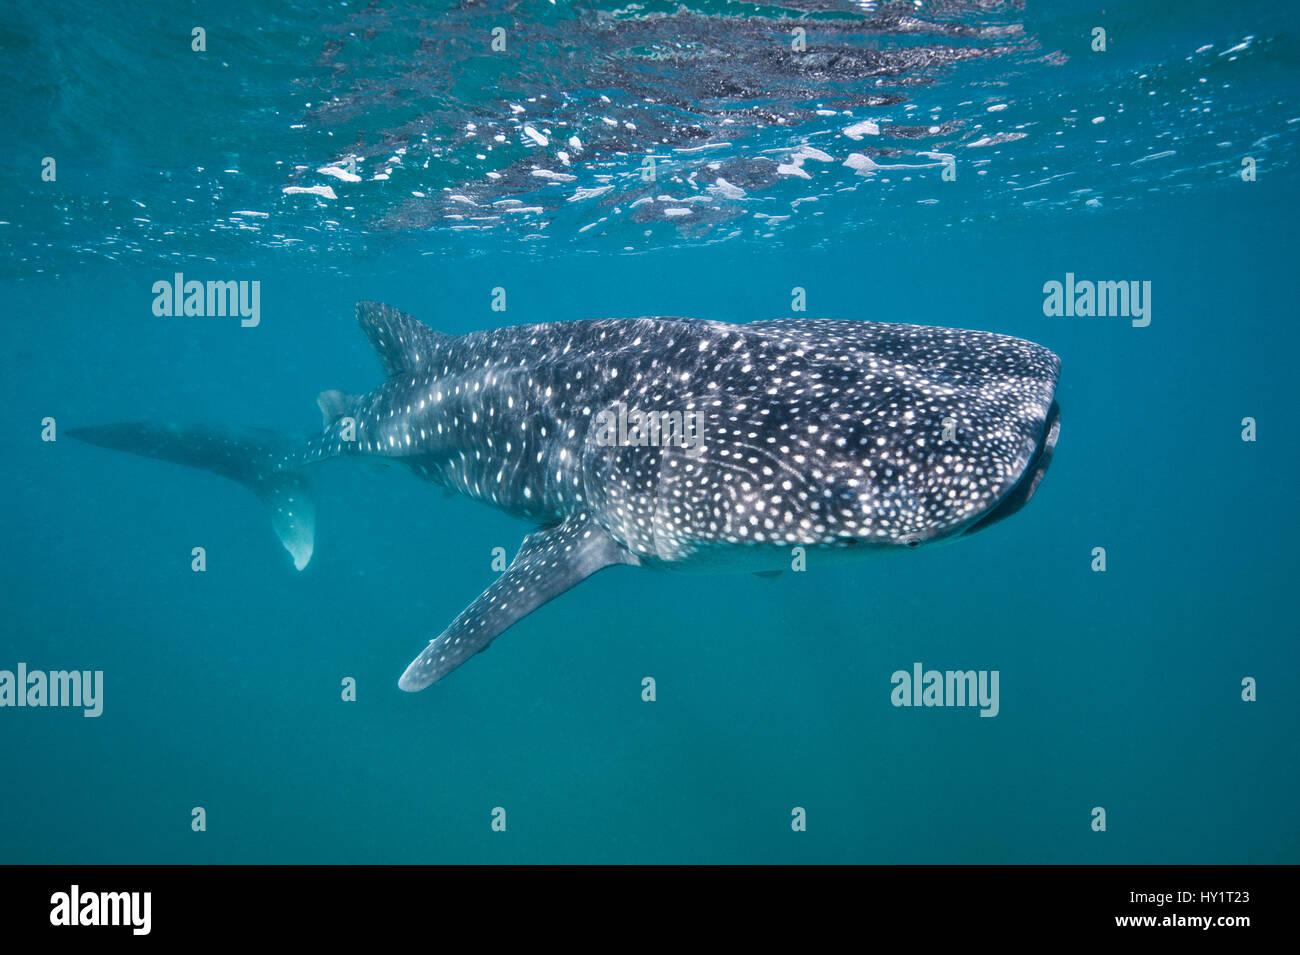 Les jeunes Whaleshark (Rhincodon typus) portrait, moins de 5m de longueur, se nourrissant de plancton près de la surface. La Paz, au Mexique. Mer de Cortez. Octobre. Banque D'Images